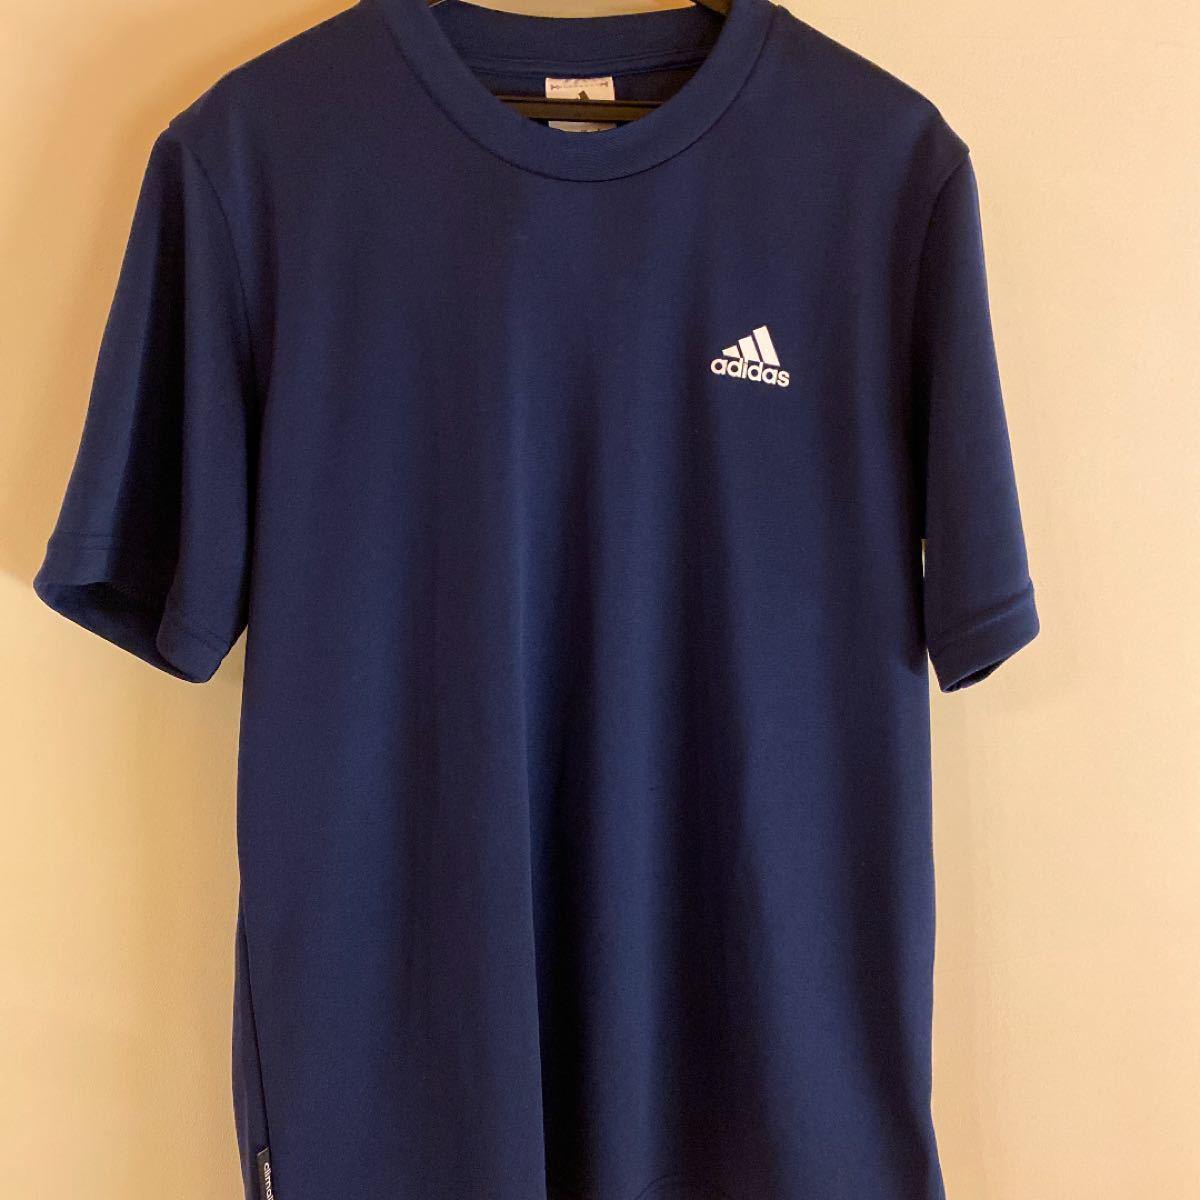 adidas 半袖Tシャツ adidas アディダス Tシャツ